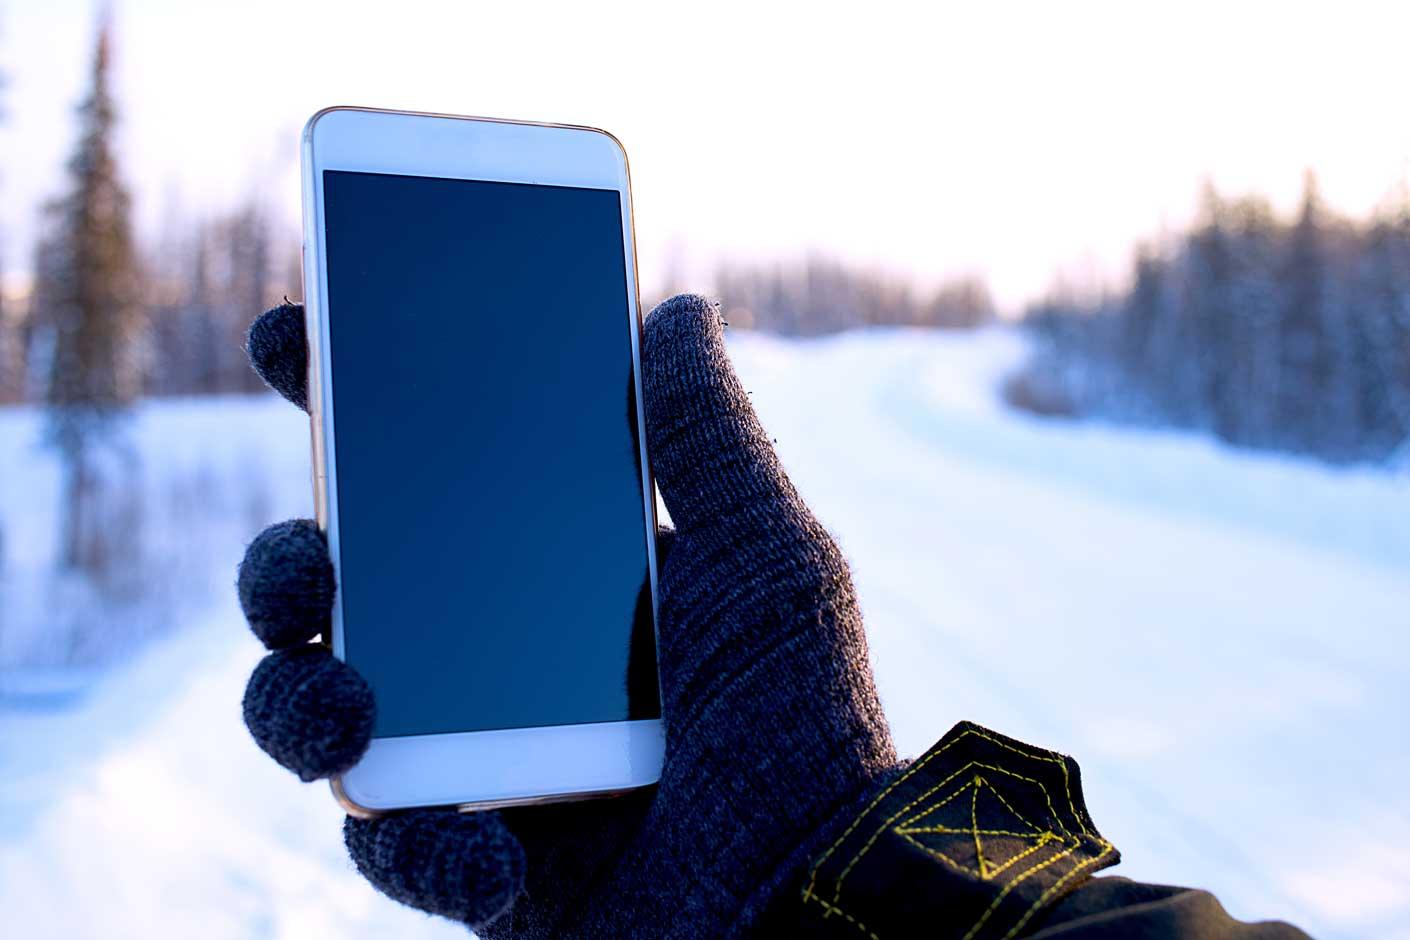 Handyversicherung - worauf muss man achten?